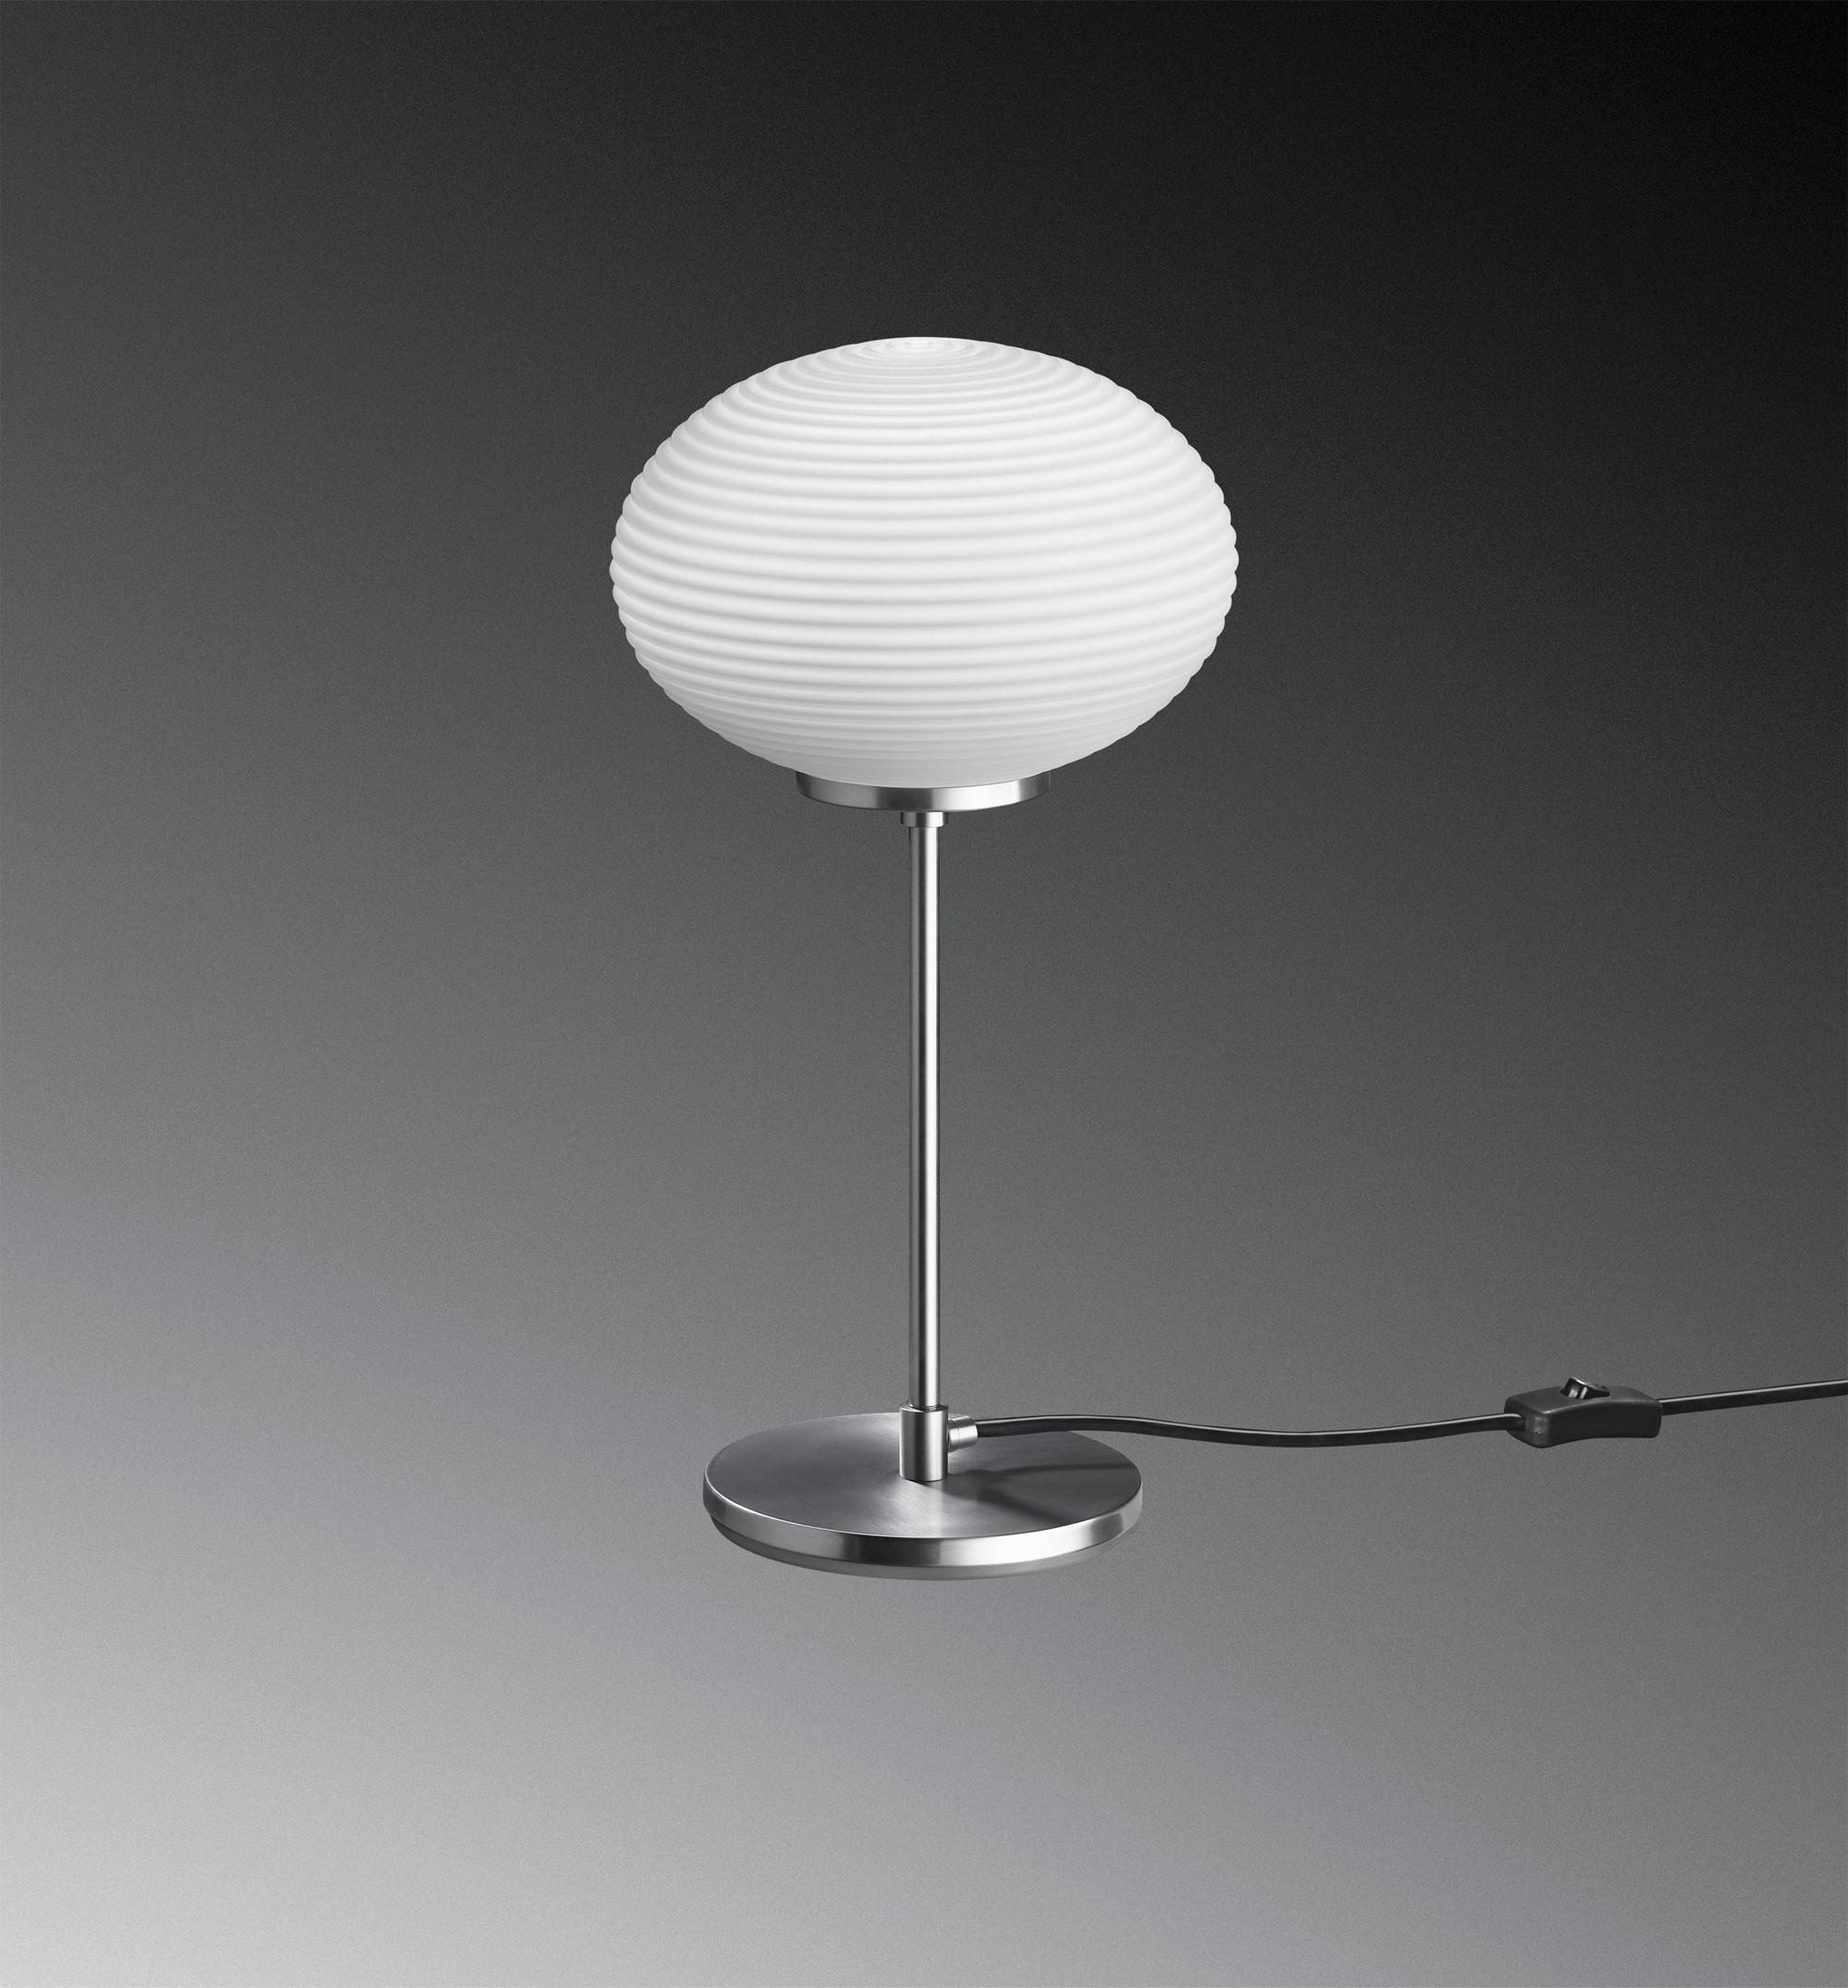 Licht online die welt der lampen leuchten und licht for Licht lampen leuchten